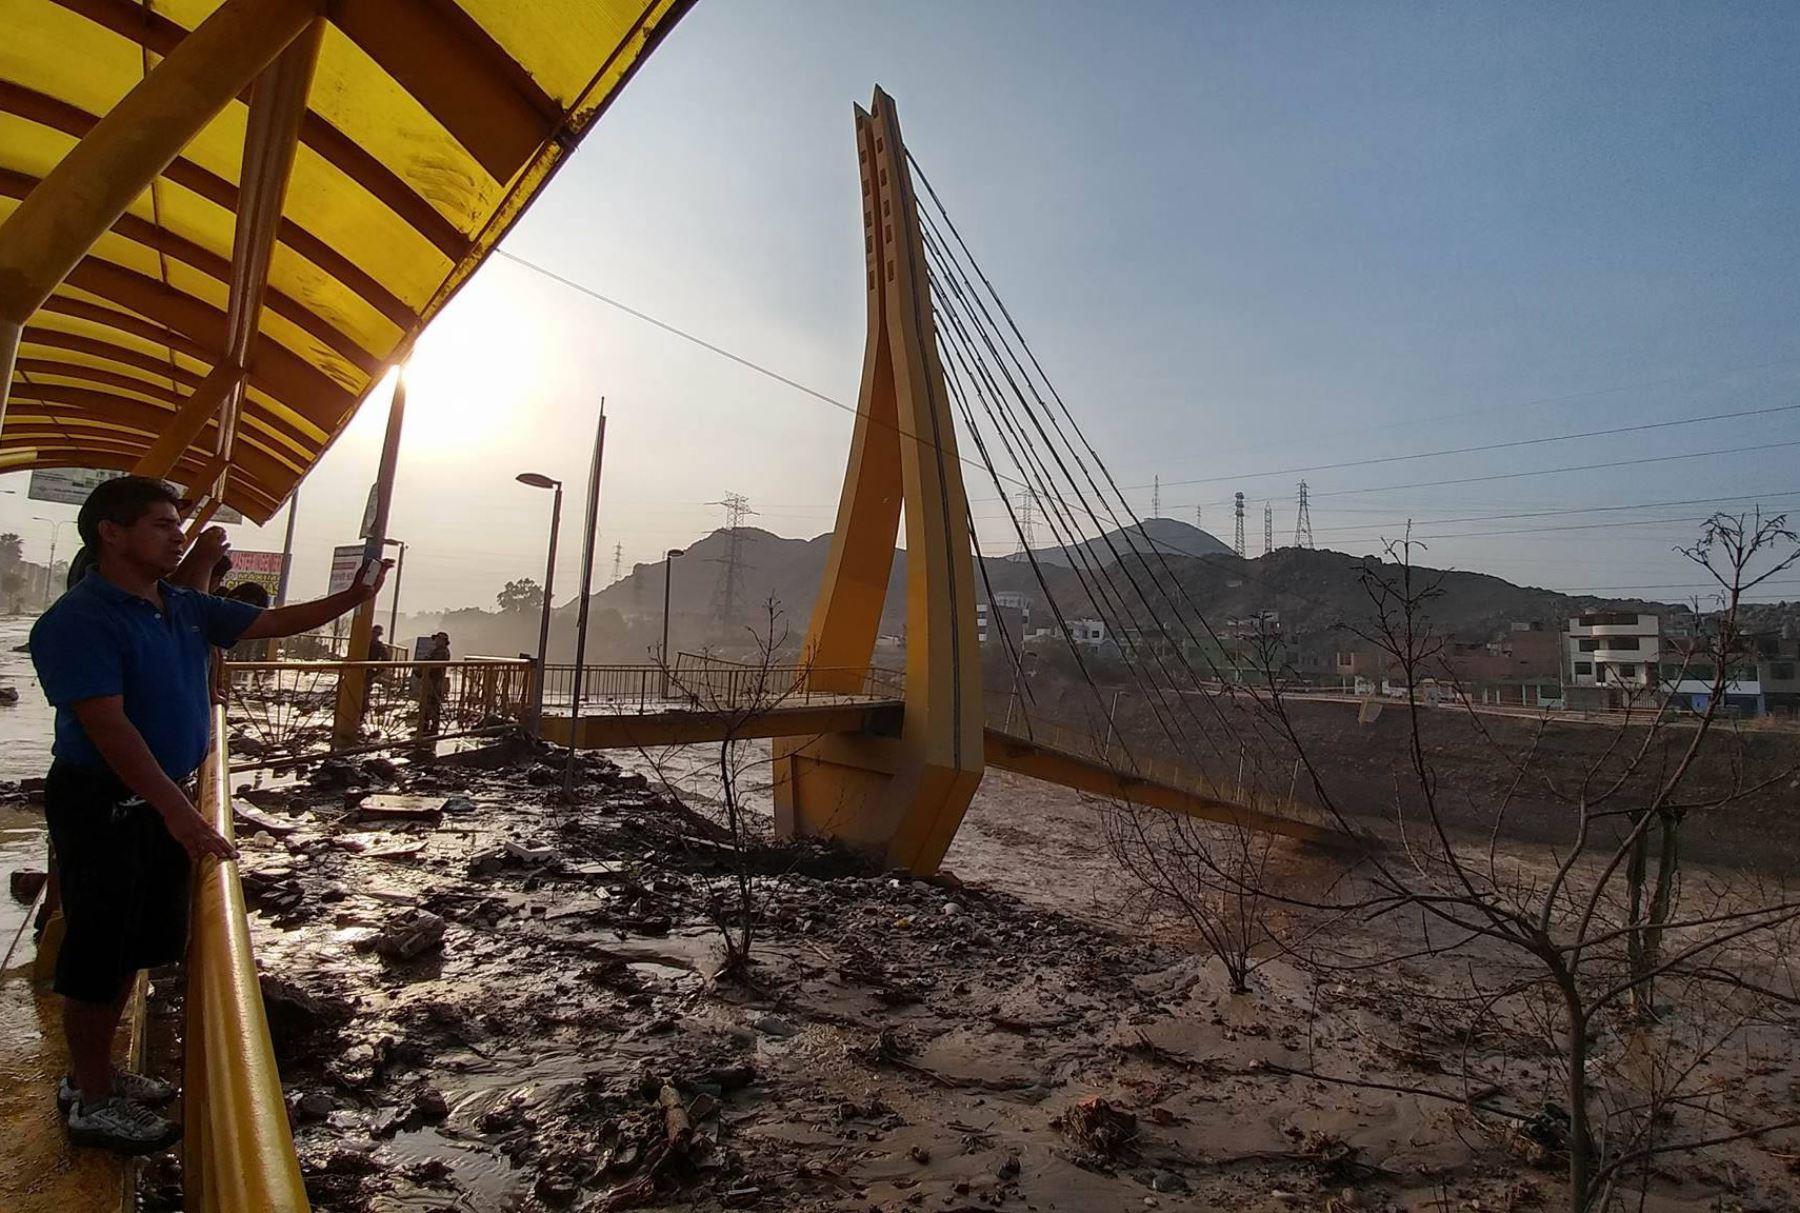 Nuevo desborde de río Huaycoloro inunda viviendas y avenidas de San Juan de Lurigancho.Foto: ANDINA/ Juan Carlos Guzman